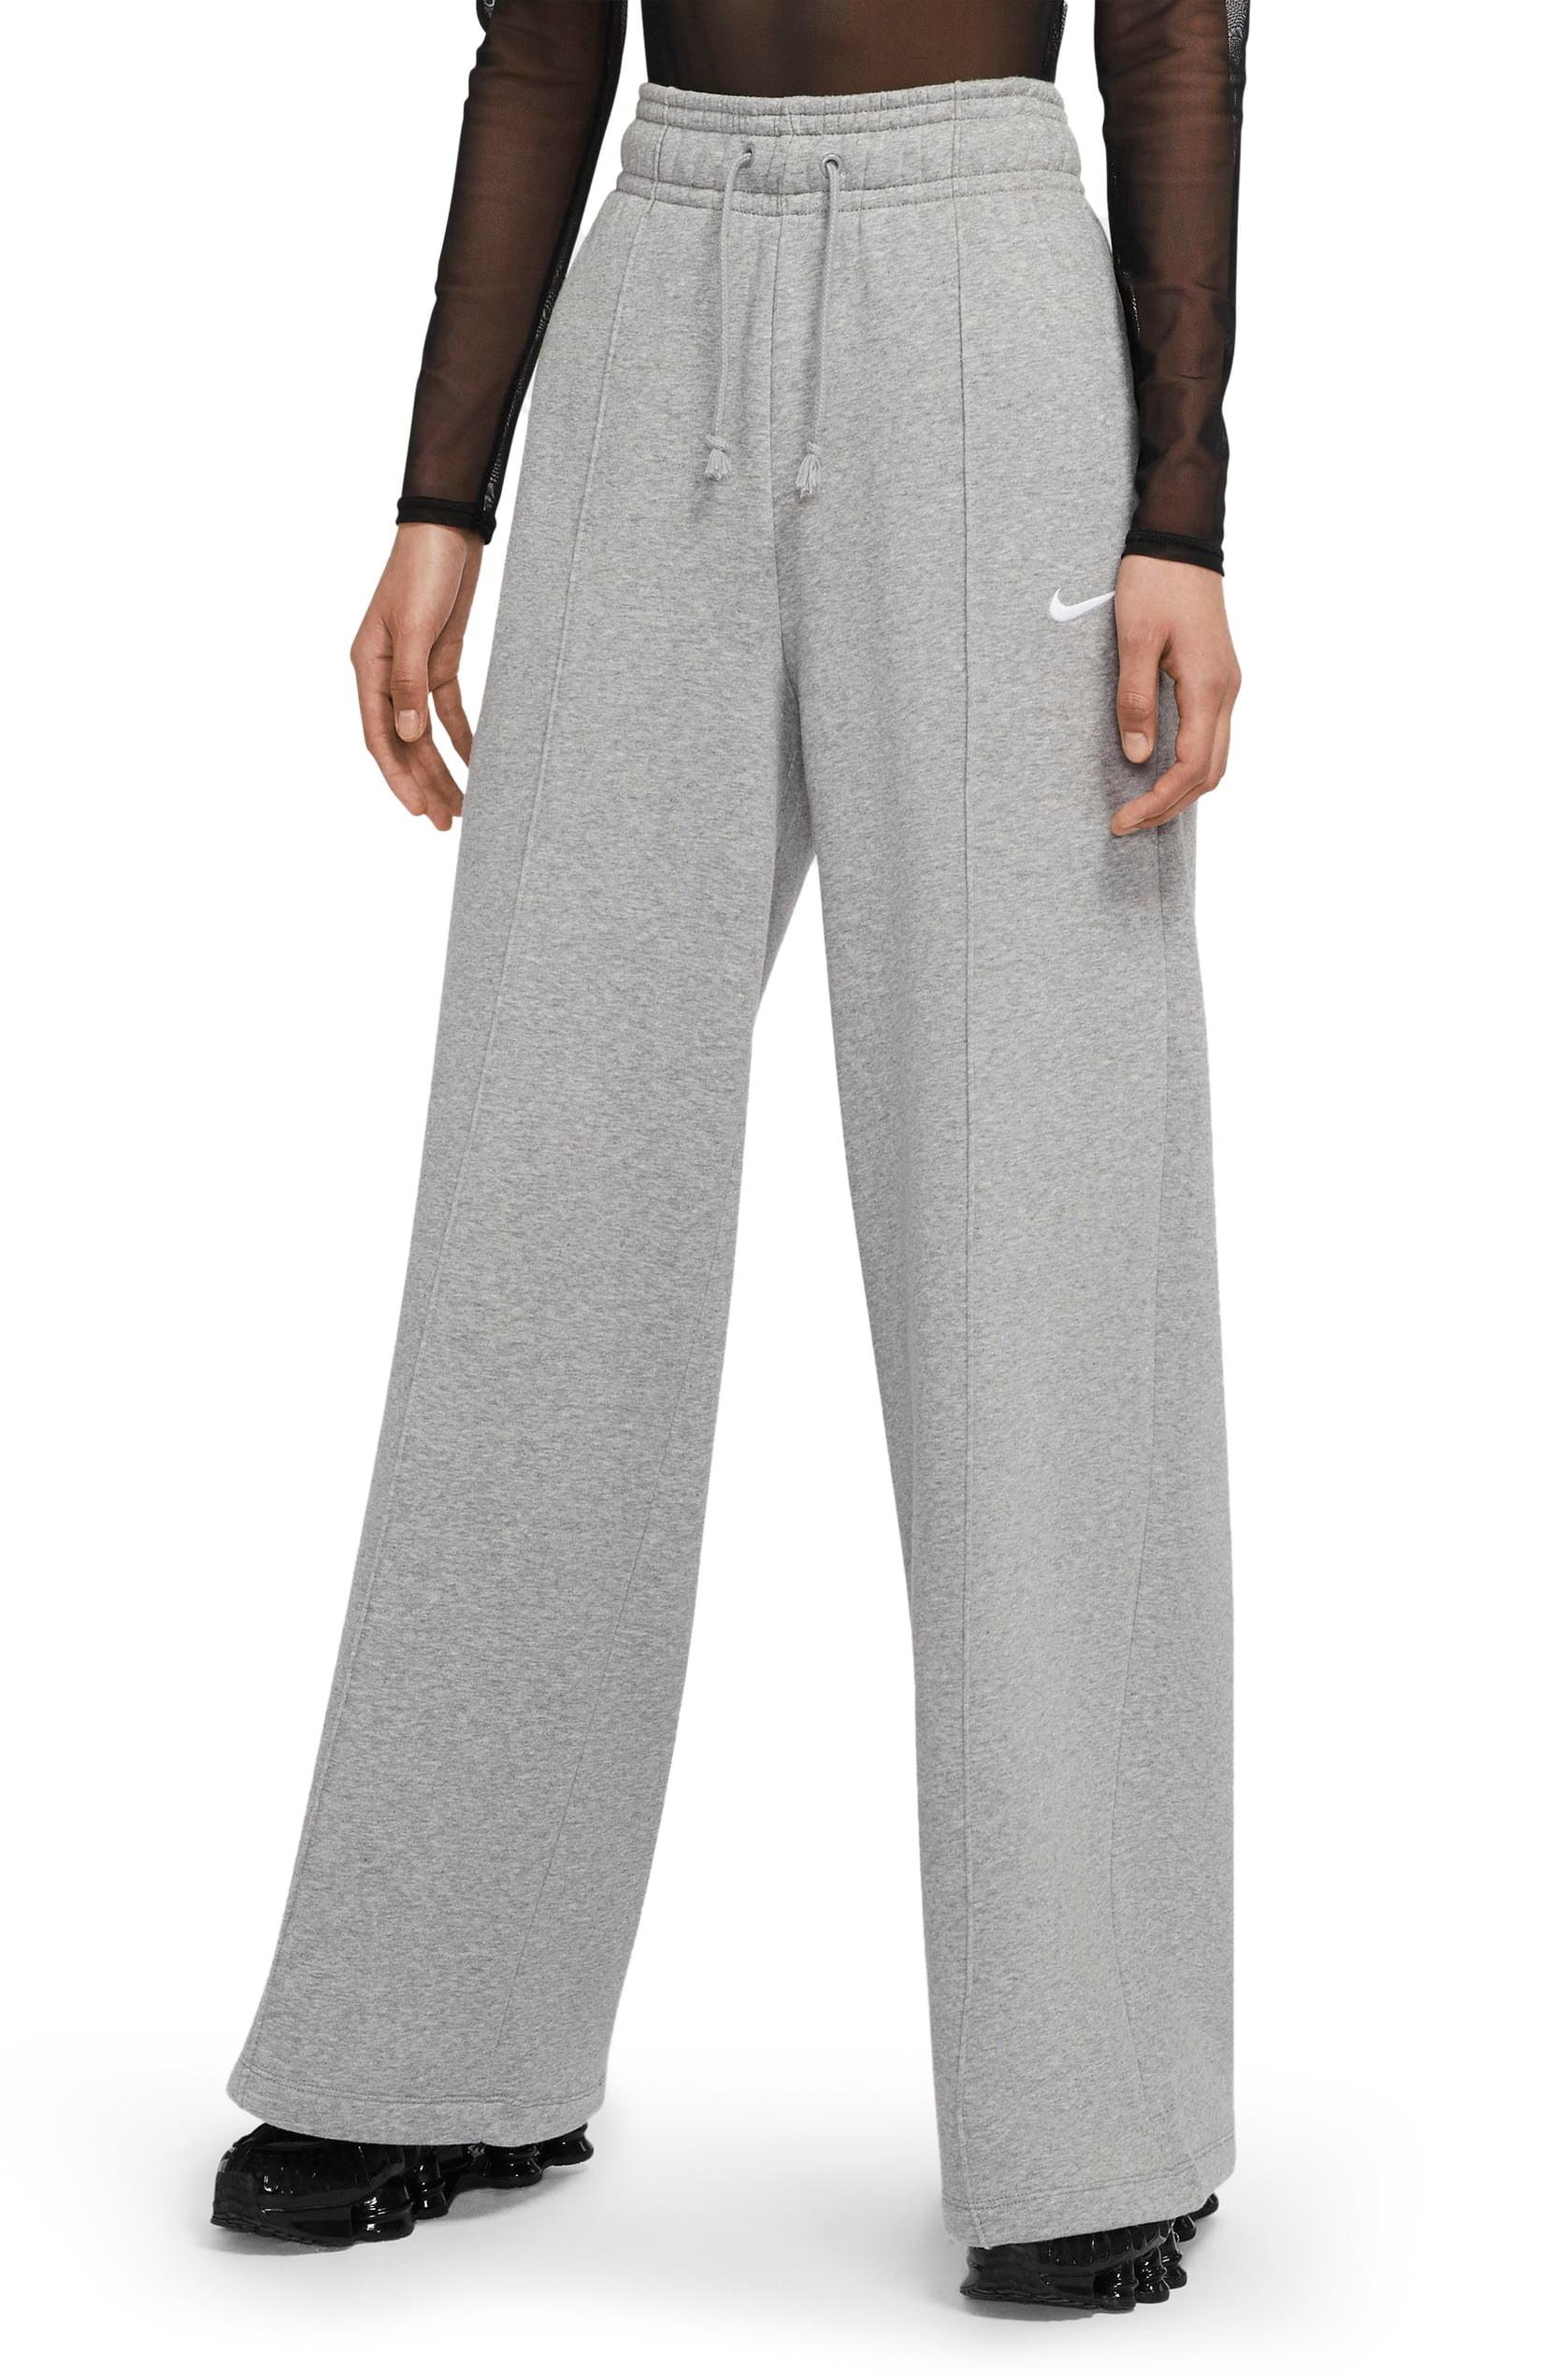 Model wearing Nike Sportswear